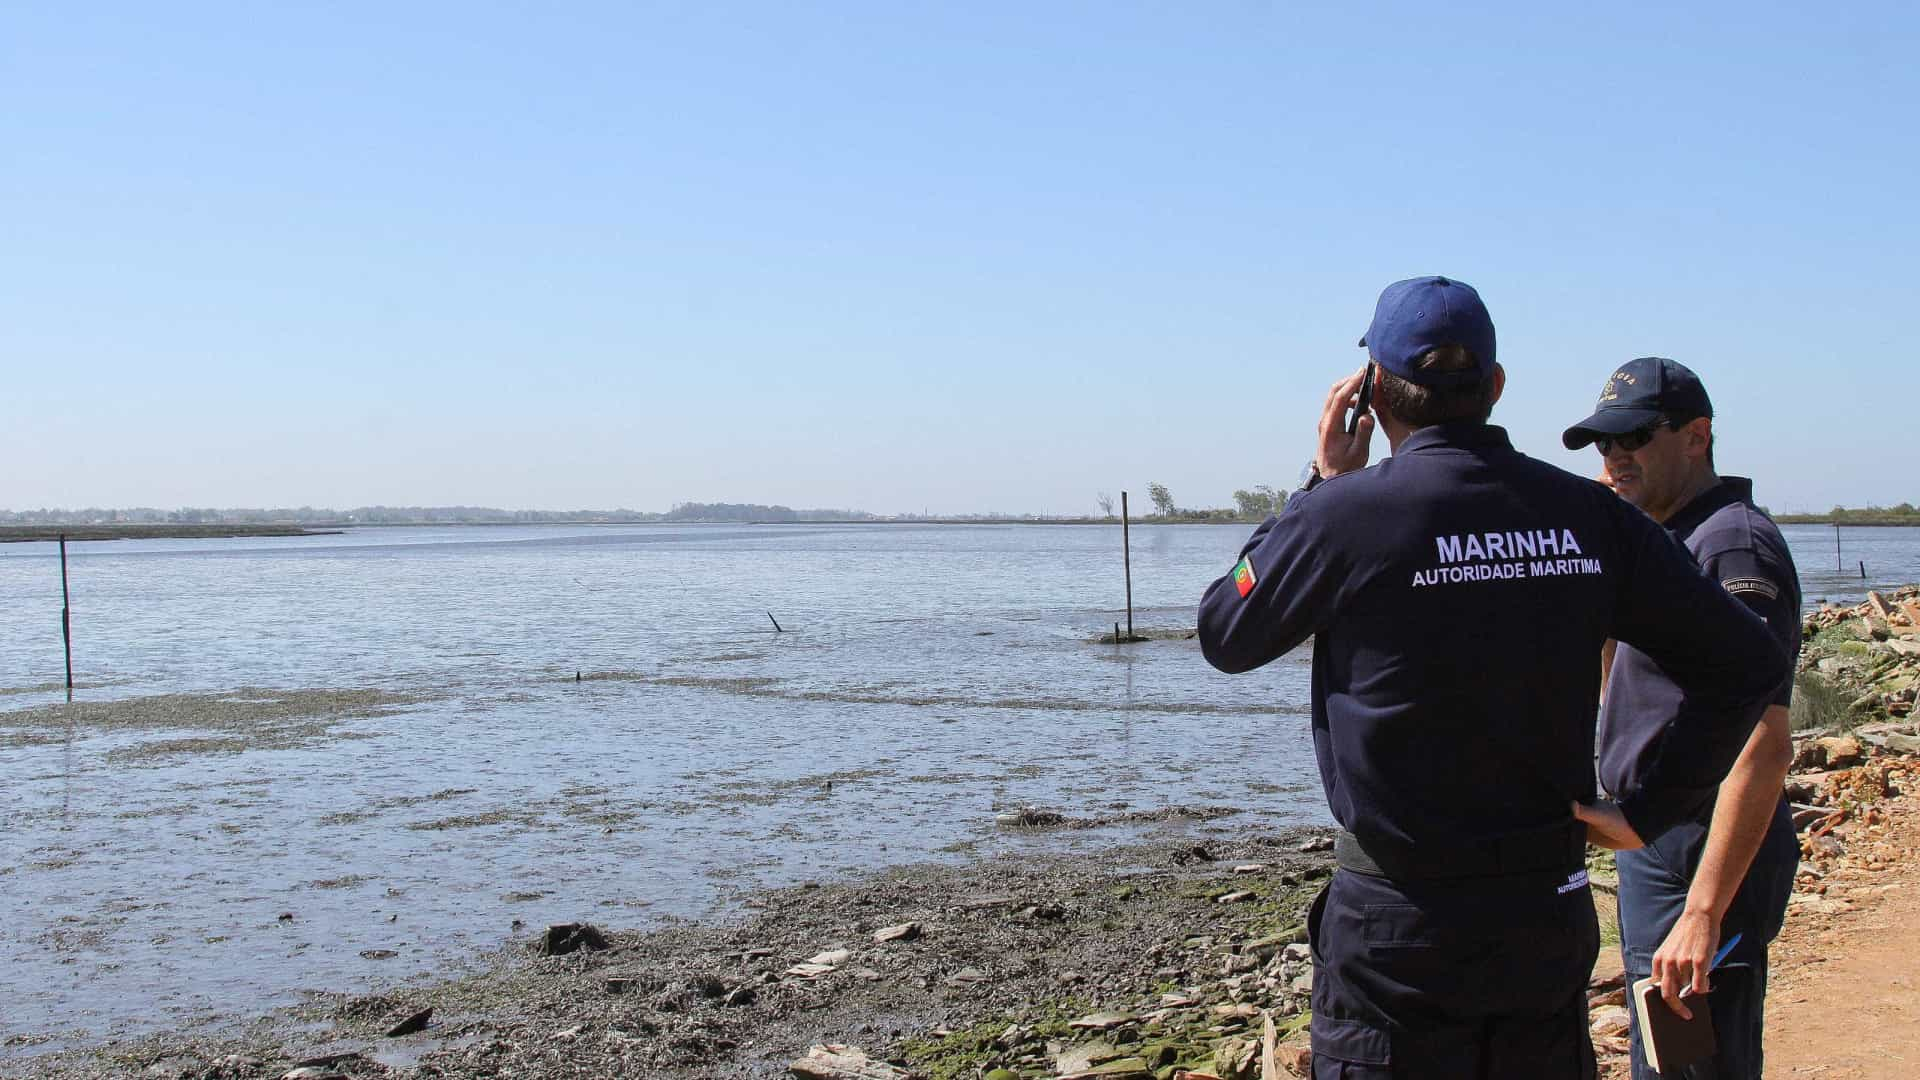 Homem morre afogado na ilha do Farol, em Olhão